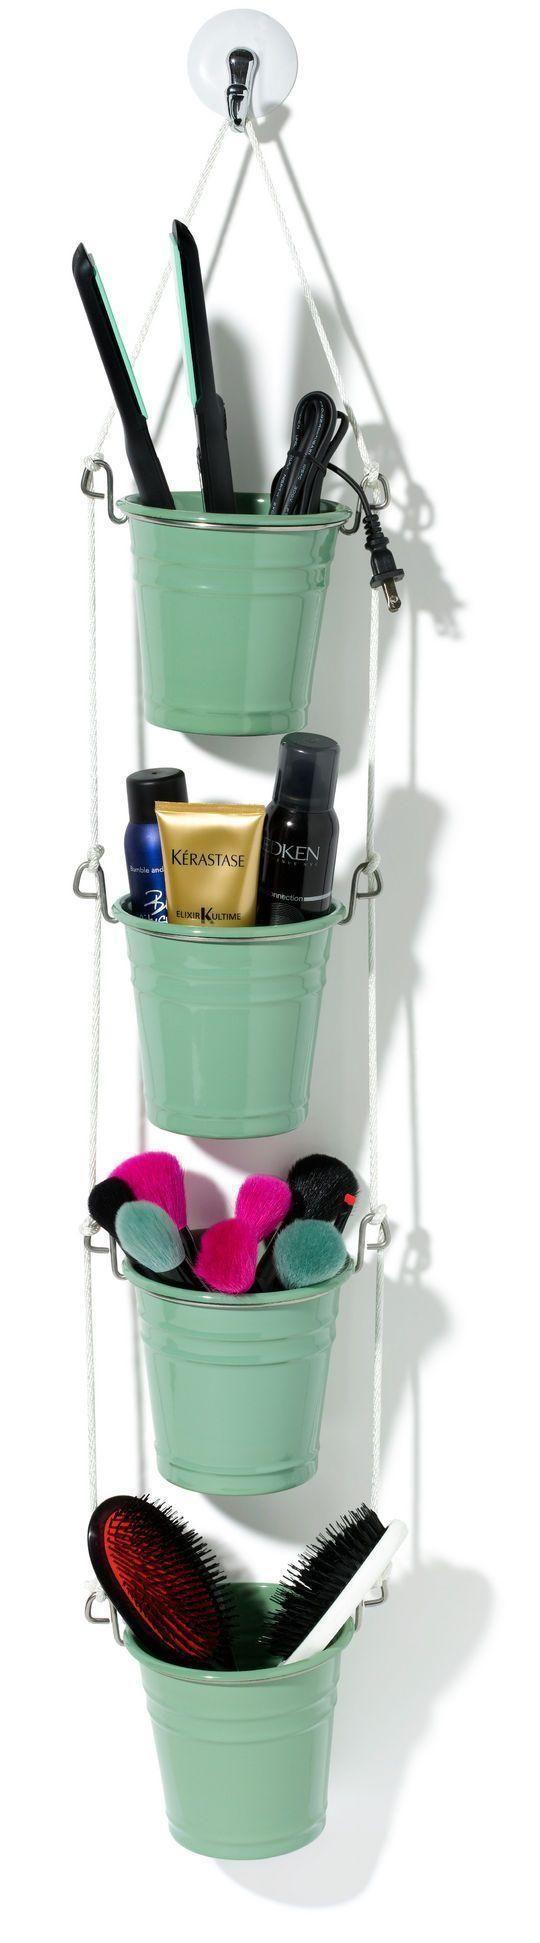 Nicht nur praktisch, sondern auch noch hübsch! Ein Hänge-Organizer für eure Kosmetik-Produkte: DIY.